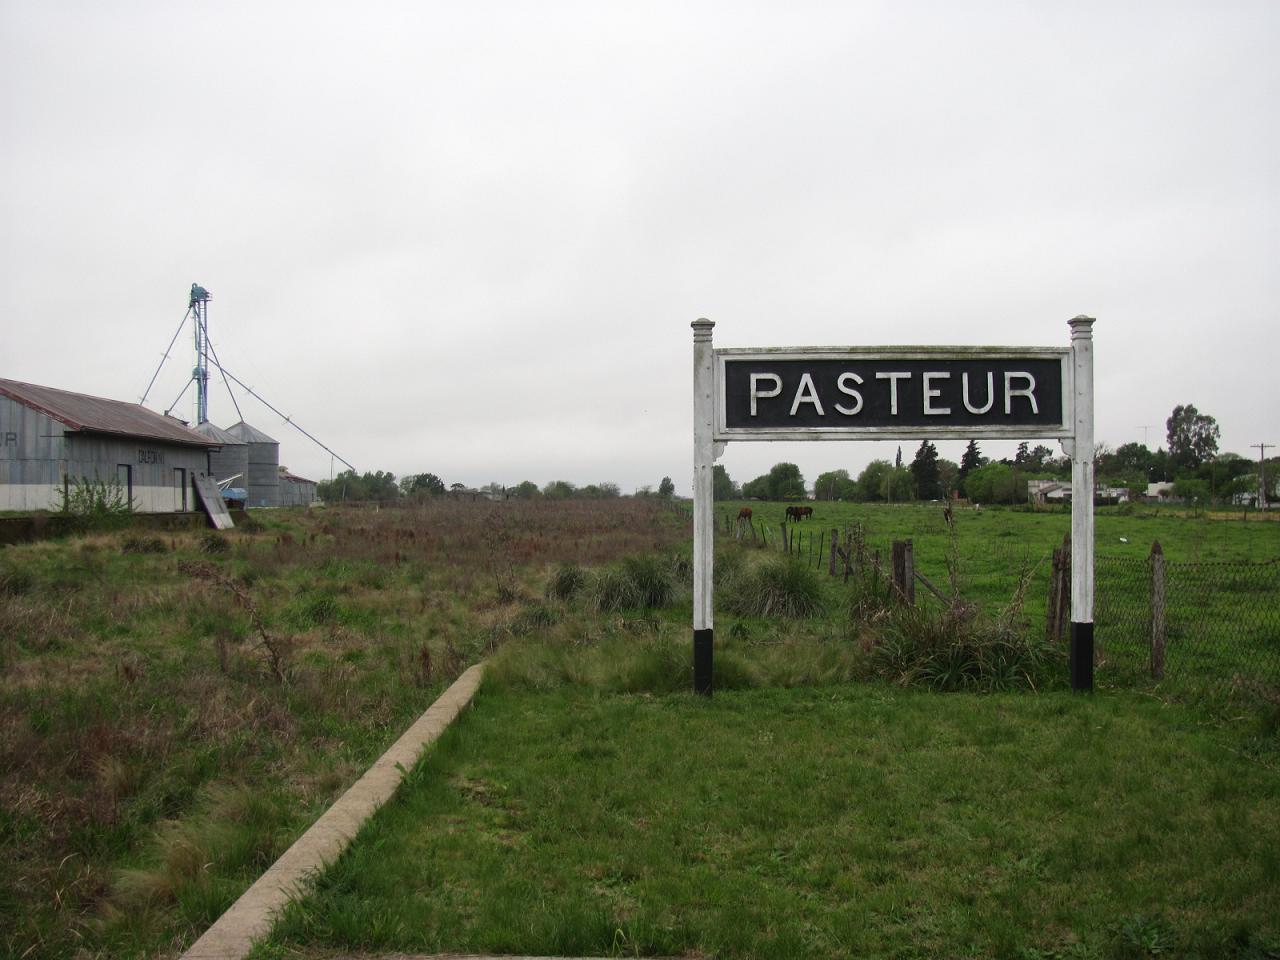 Estación Pasteur (Buenos Aires) - Wikipedia, la enciclopedia libre